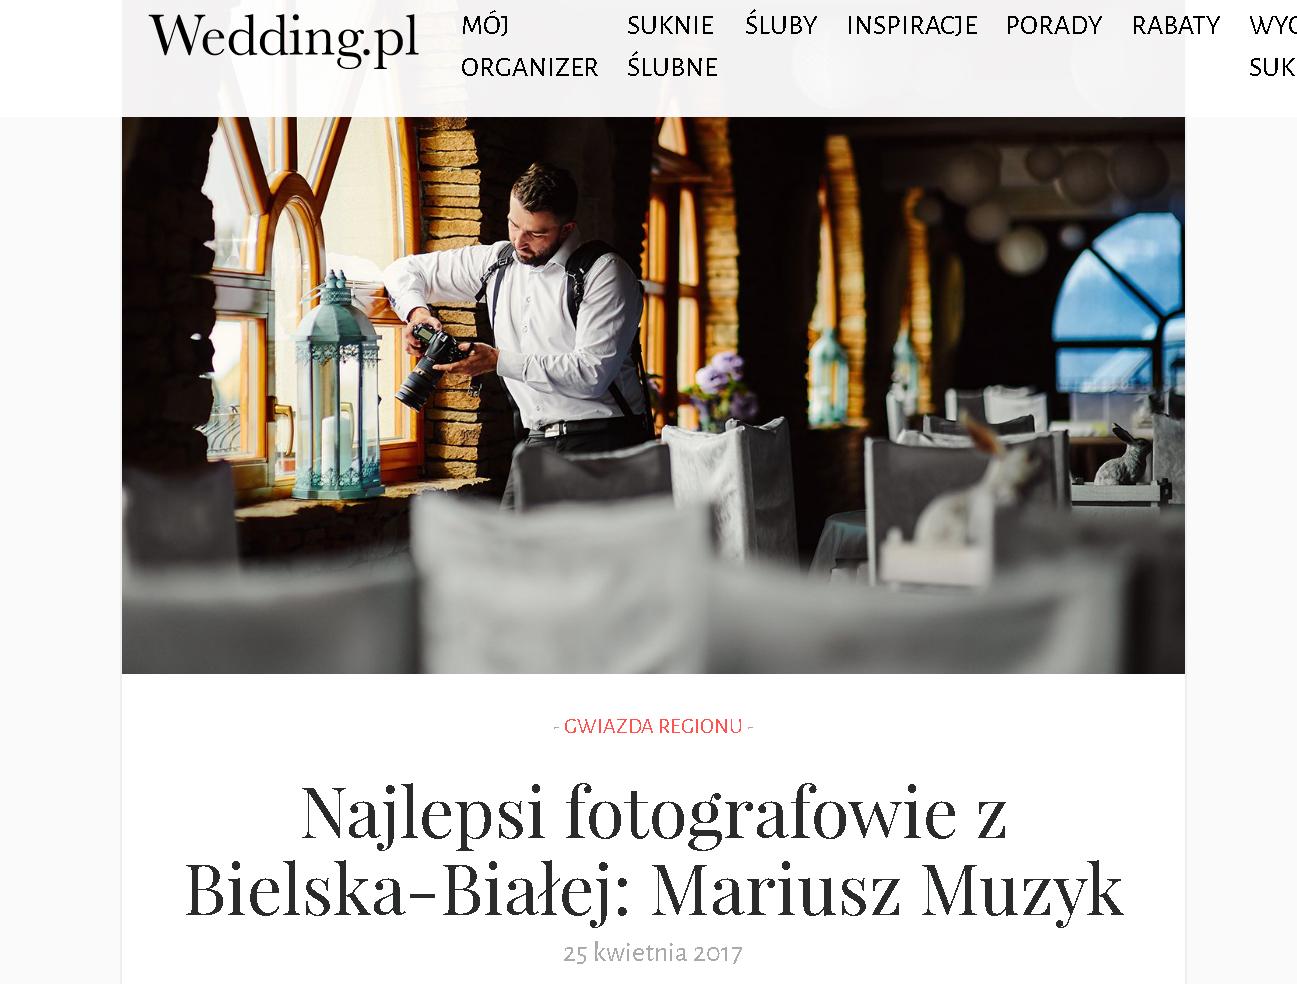 fotograf ślubny na wesele bielsko-biała